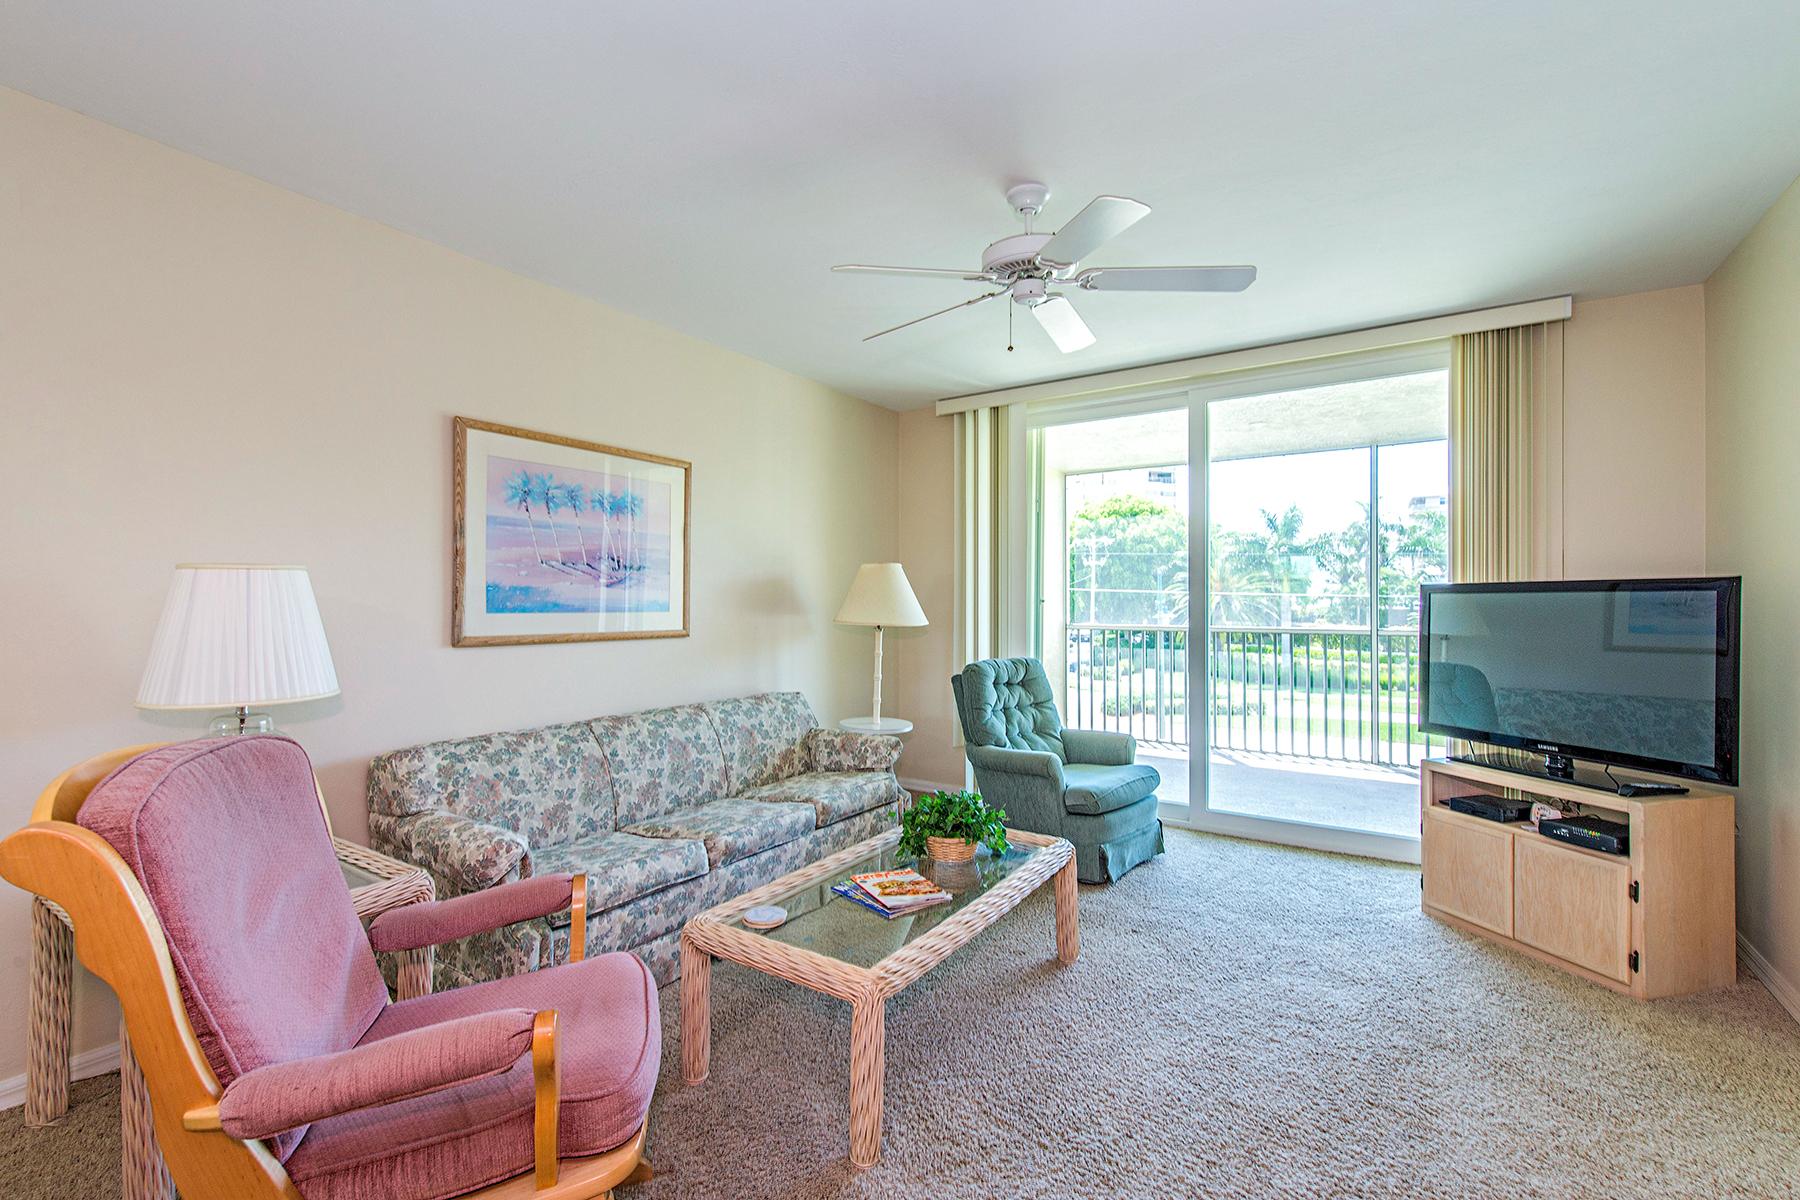 Кооперативная квартира для того Продажа на MARCO ISLAND - ESSEX 801 S Collier Blvd N-202 Marco Island, Флорида 34145 Соединенные Штаты